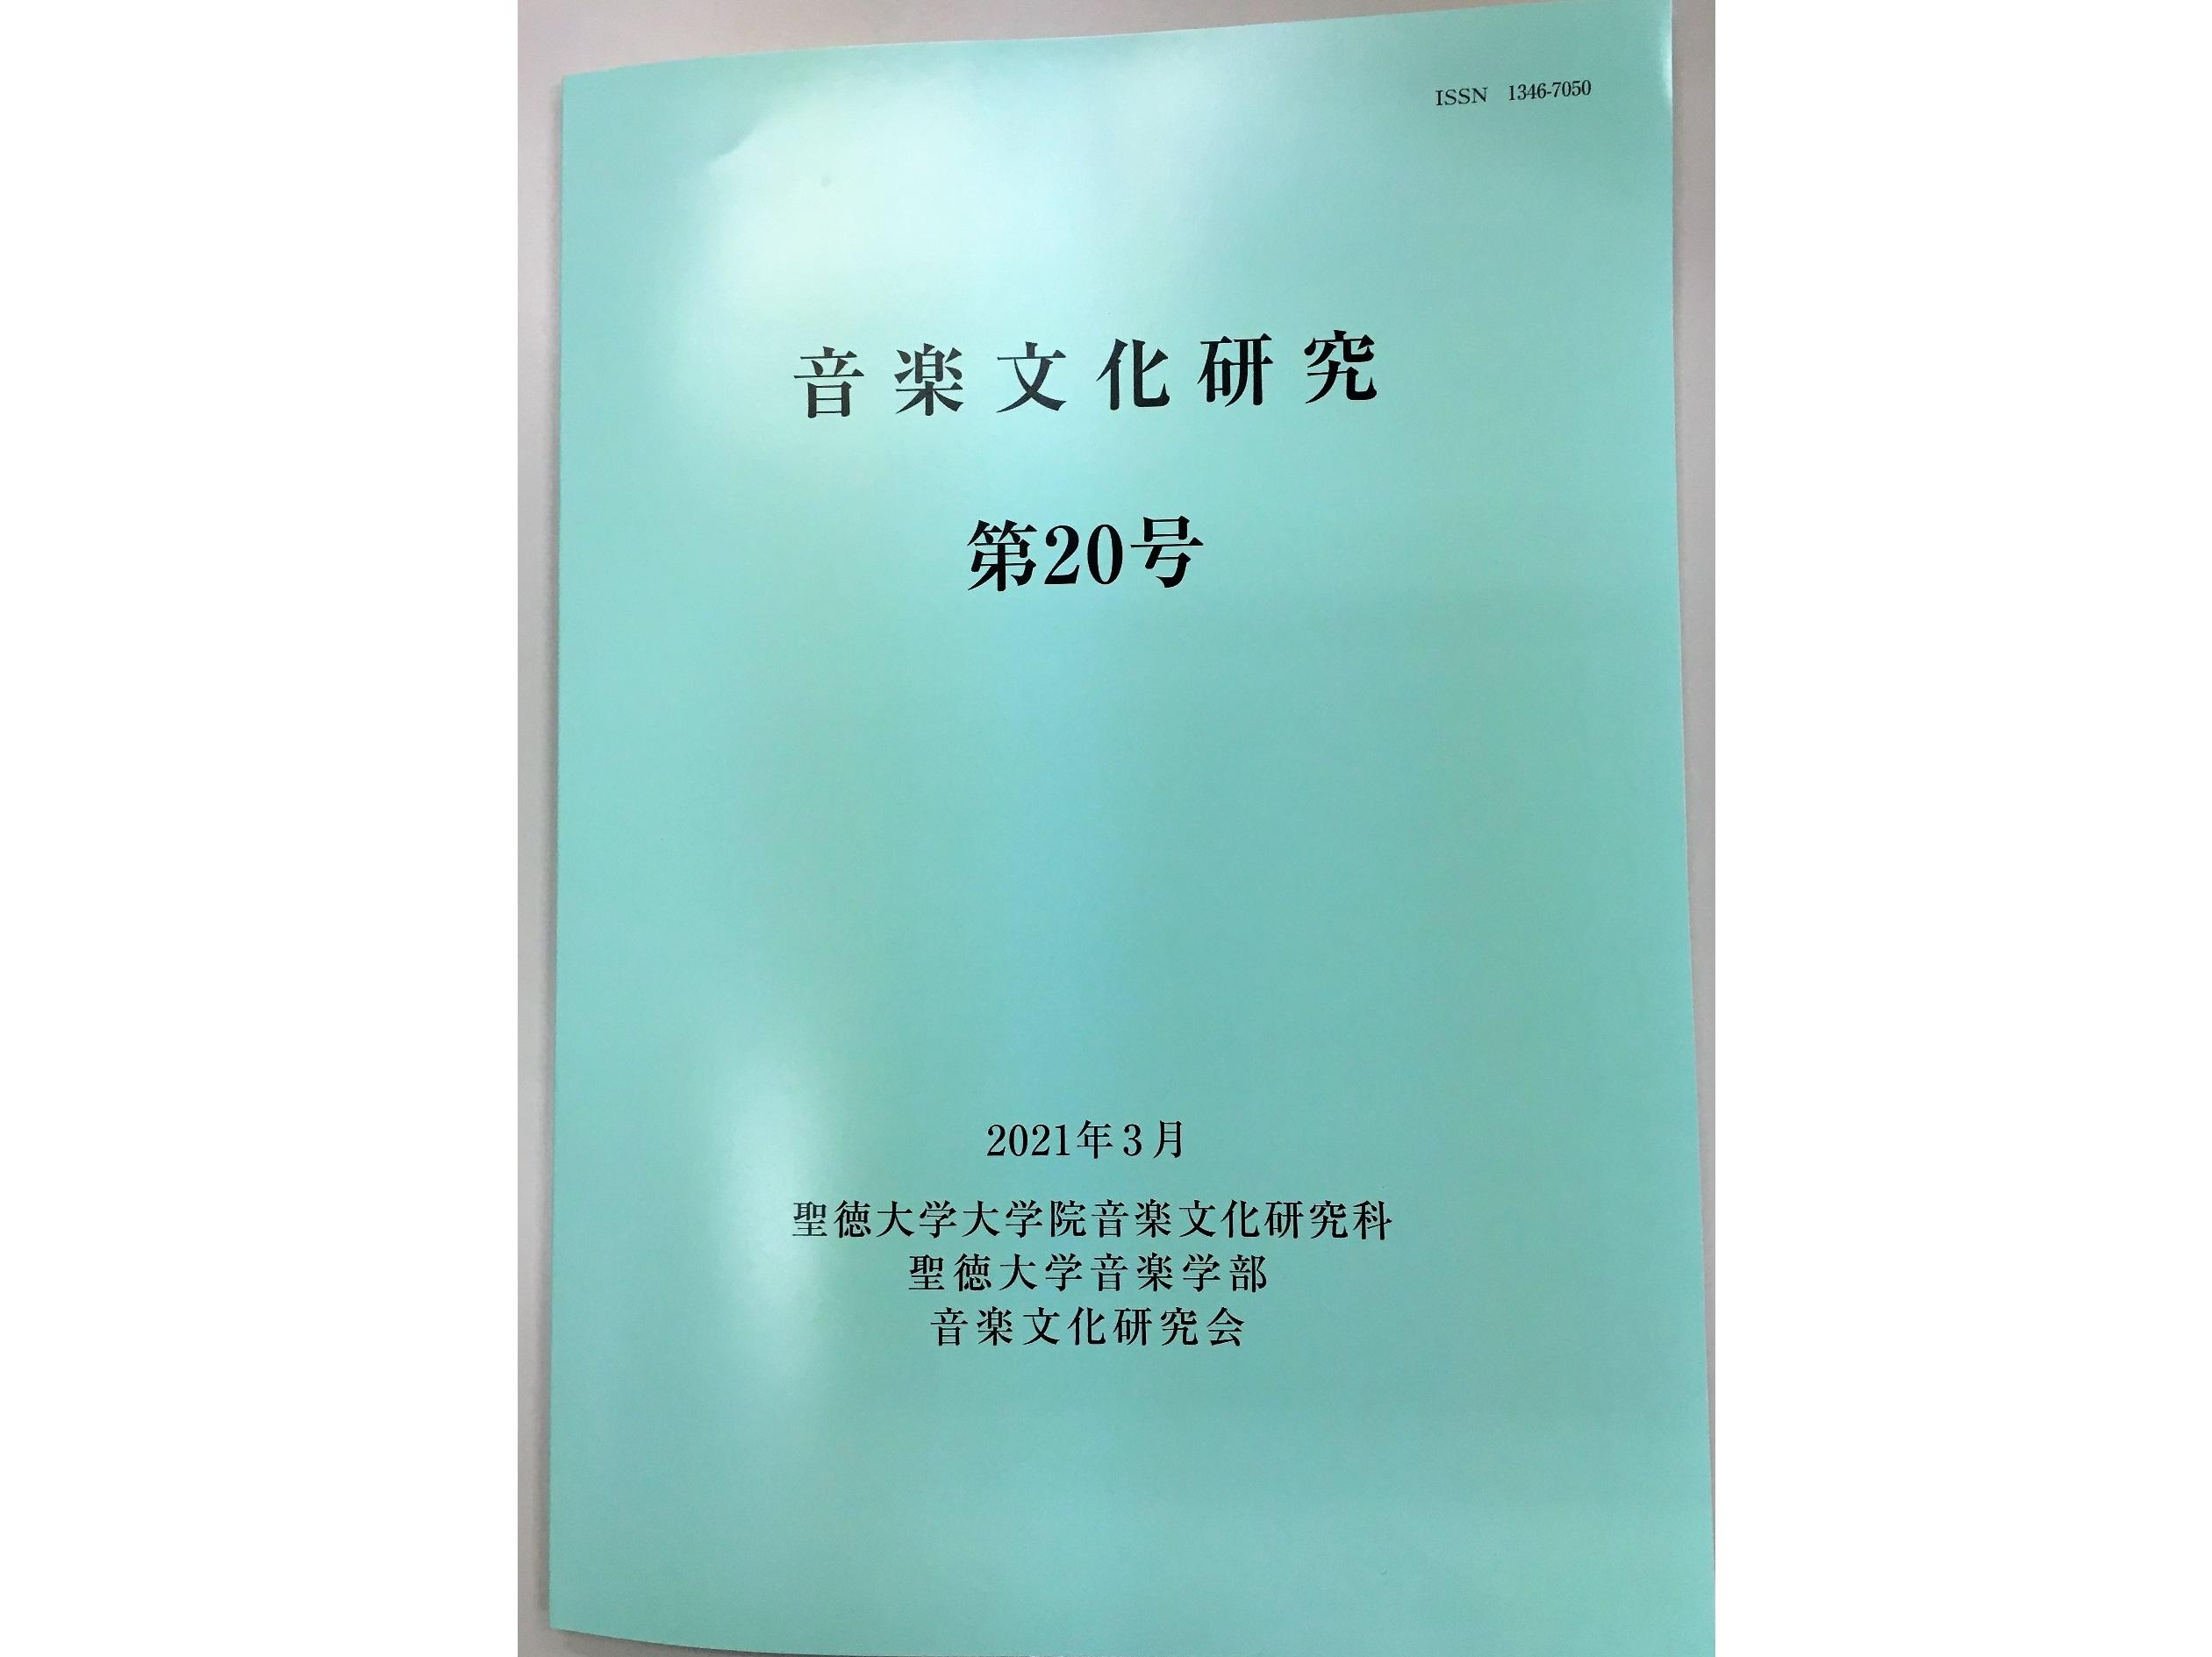 『音楽文化研究』第20号が発行されました